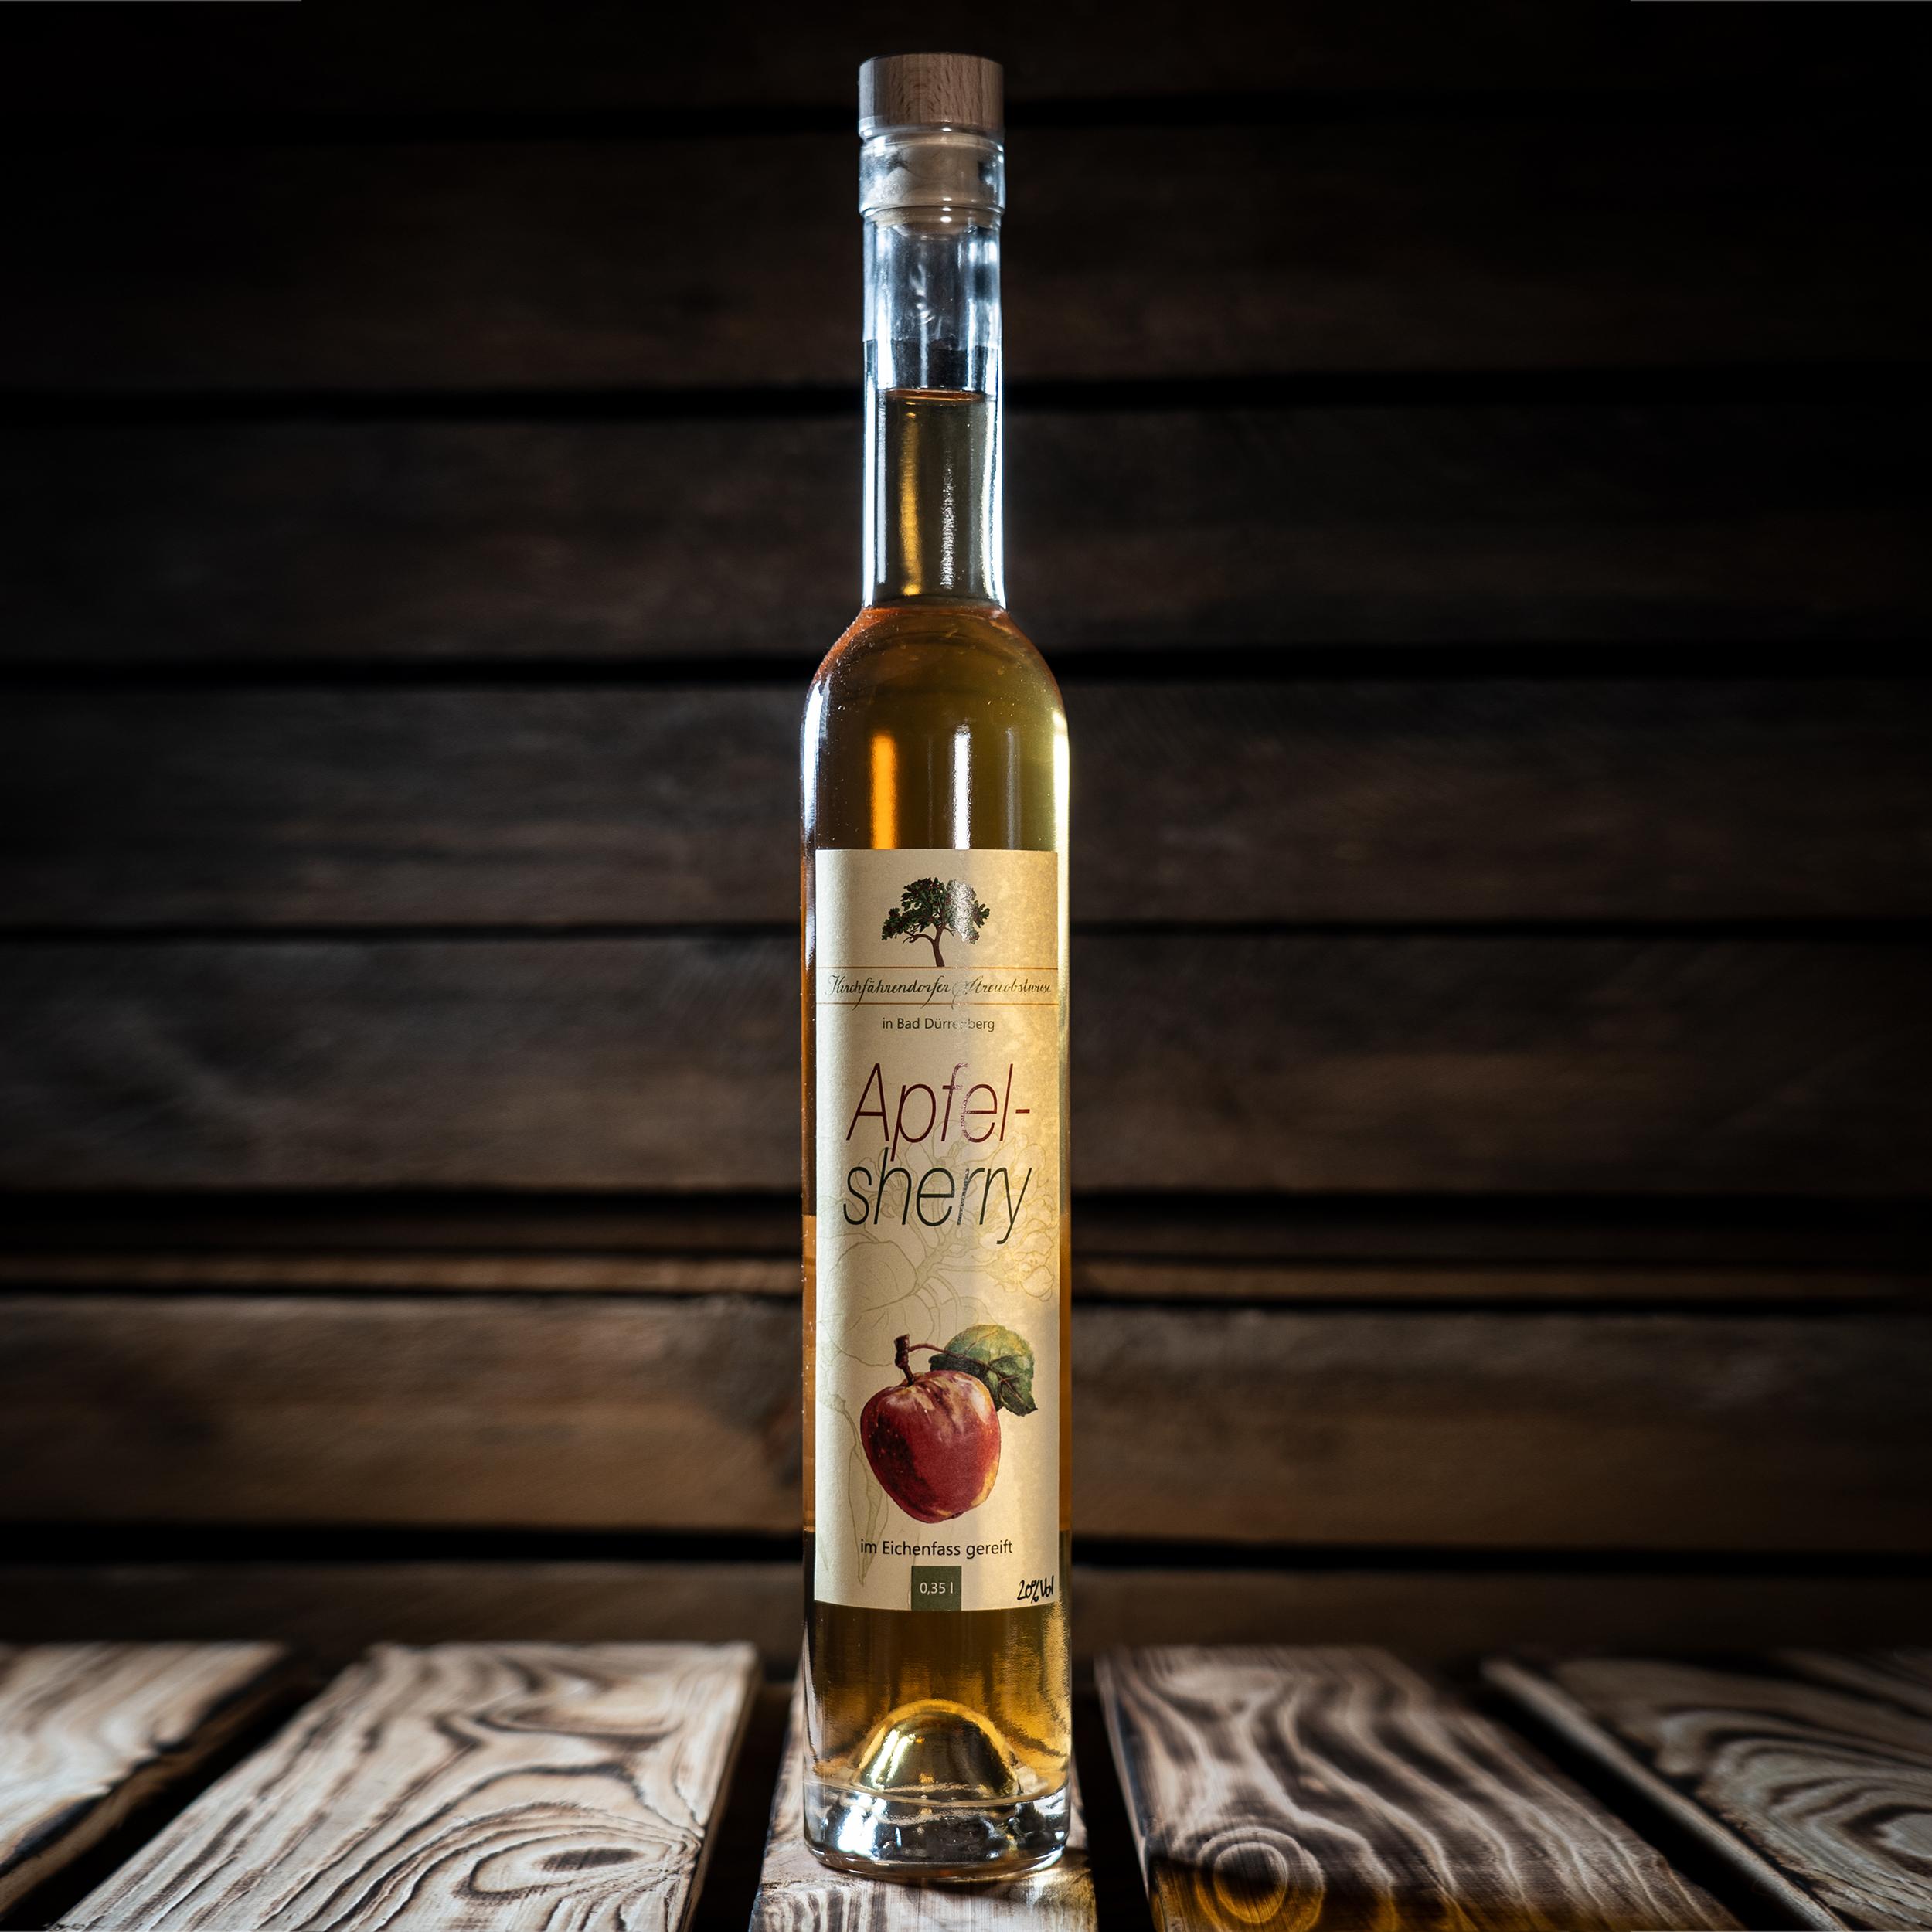 Apfelsherry, im Eichenfass gereift 350ml